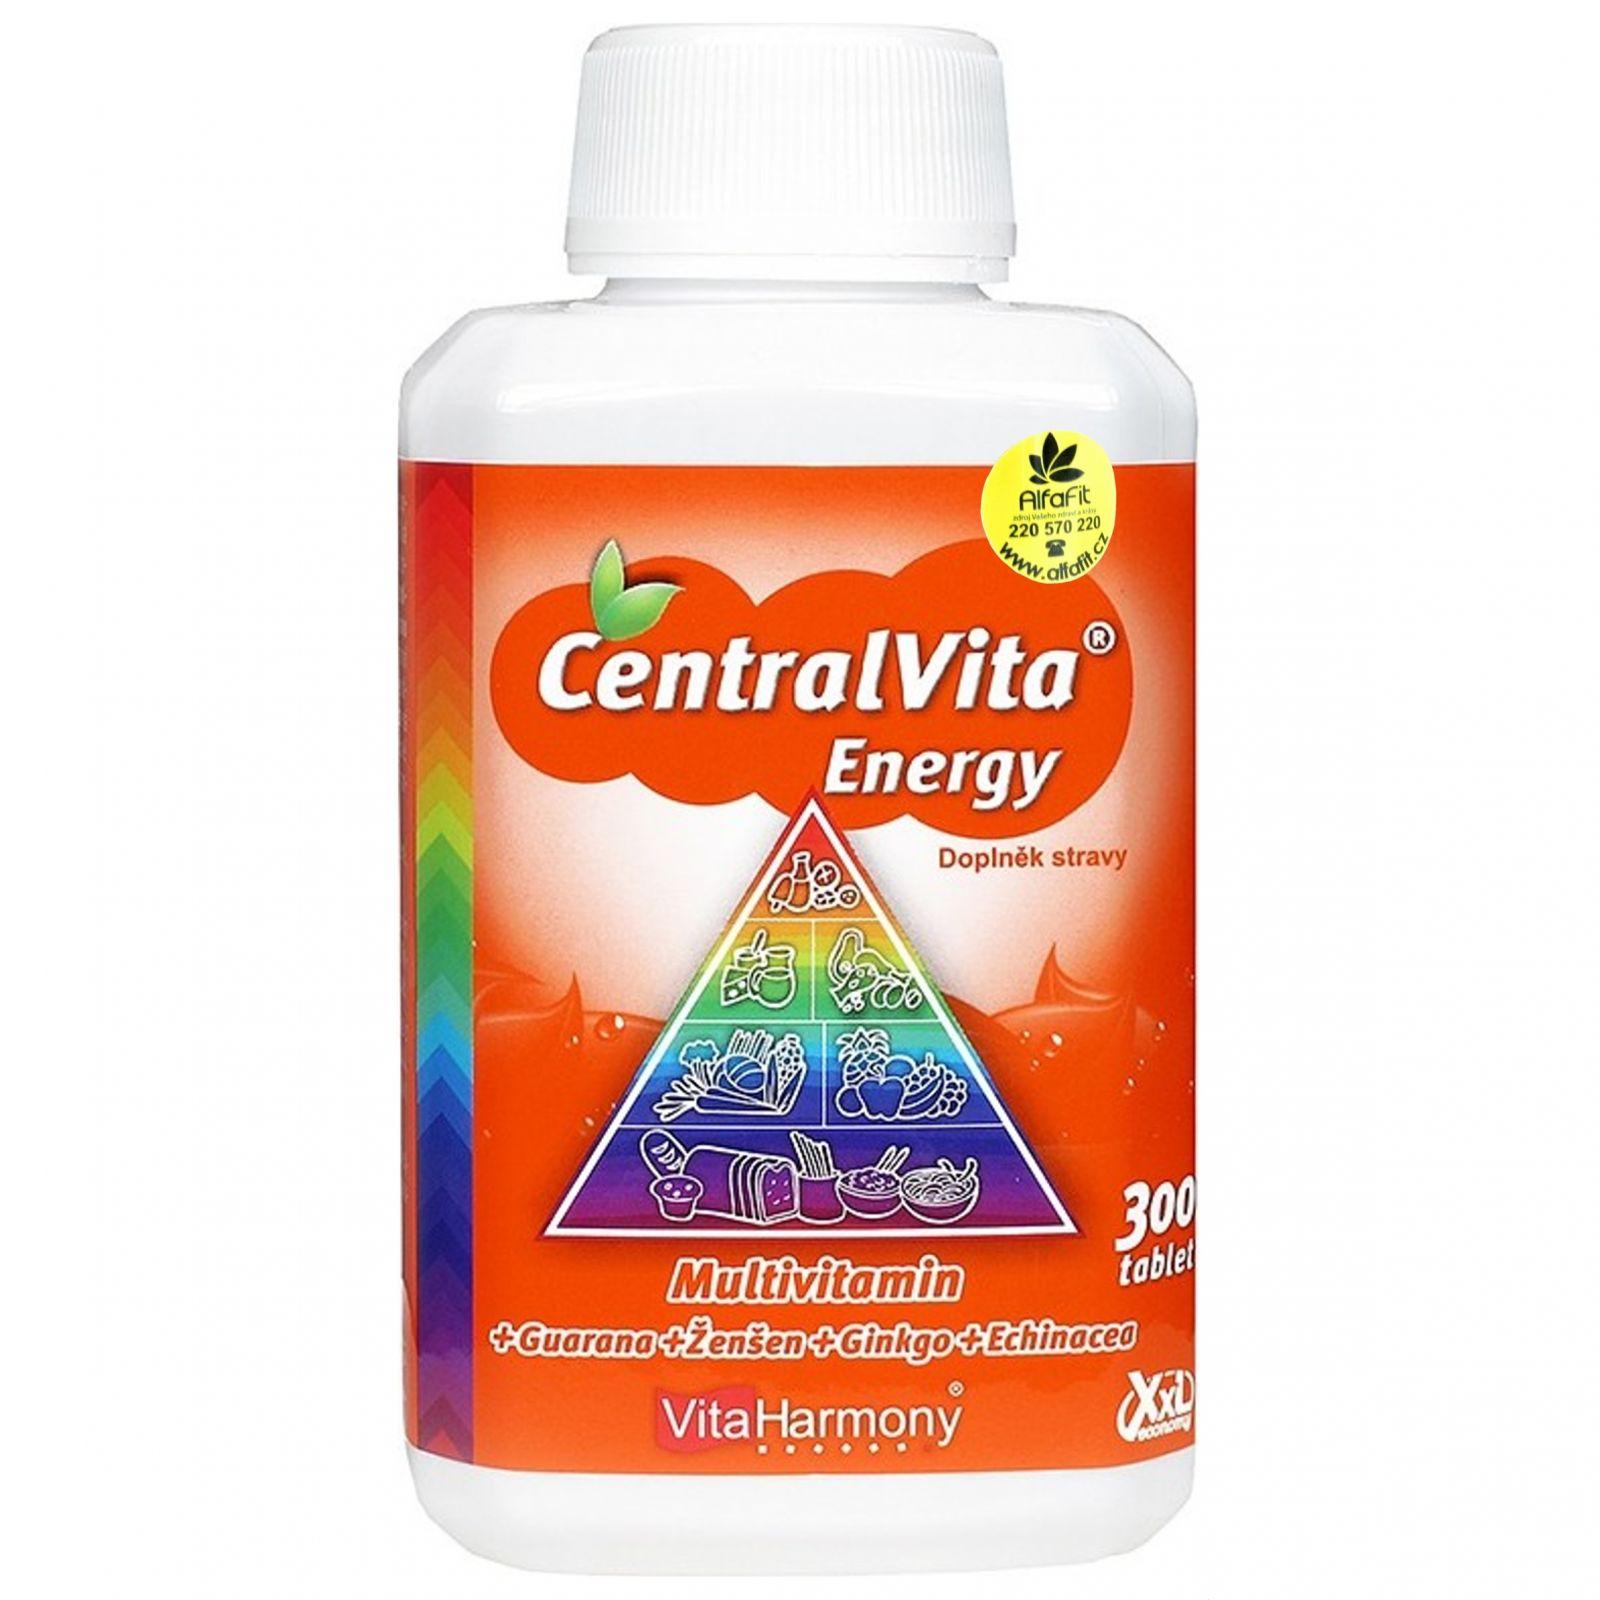 CentralVita Energy 300 tablet